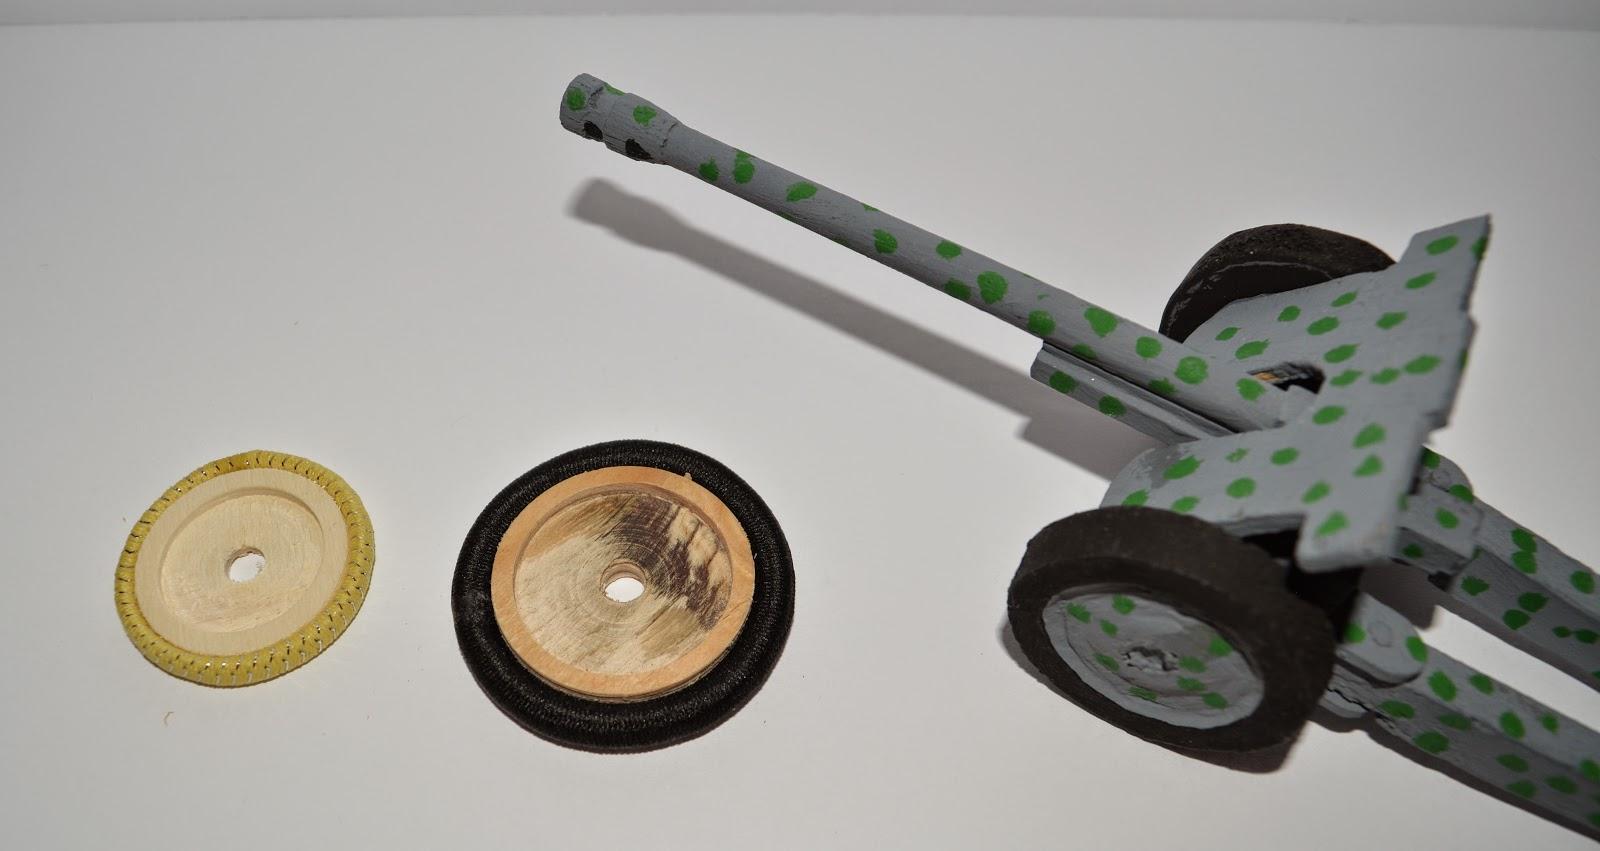 Miniature artillery